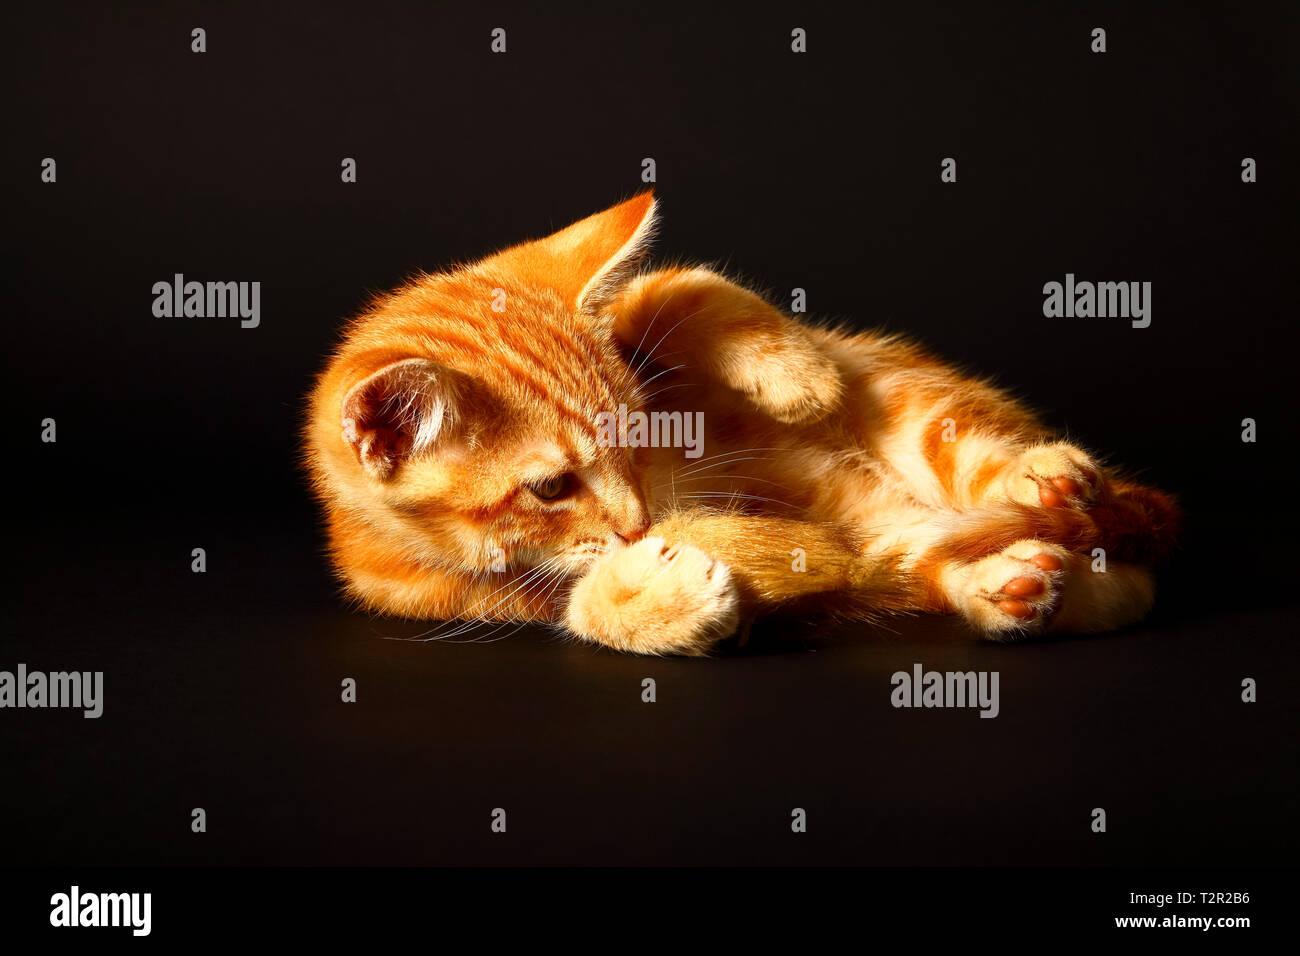 Potrait de un lindo ginger atigrado gatito jugando con un ratón de juguete aislado en un fondo negro Foto de stock